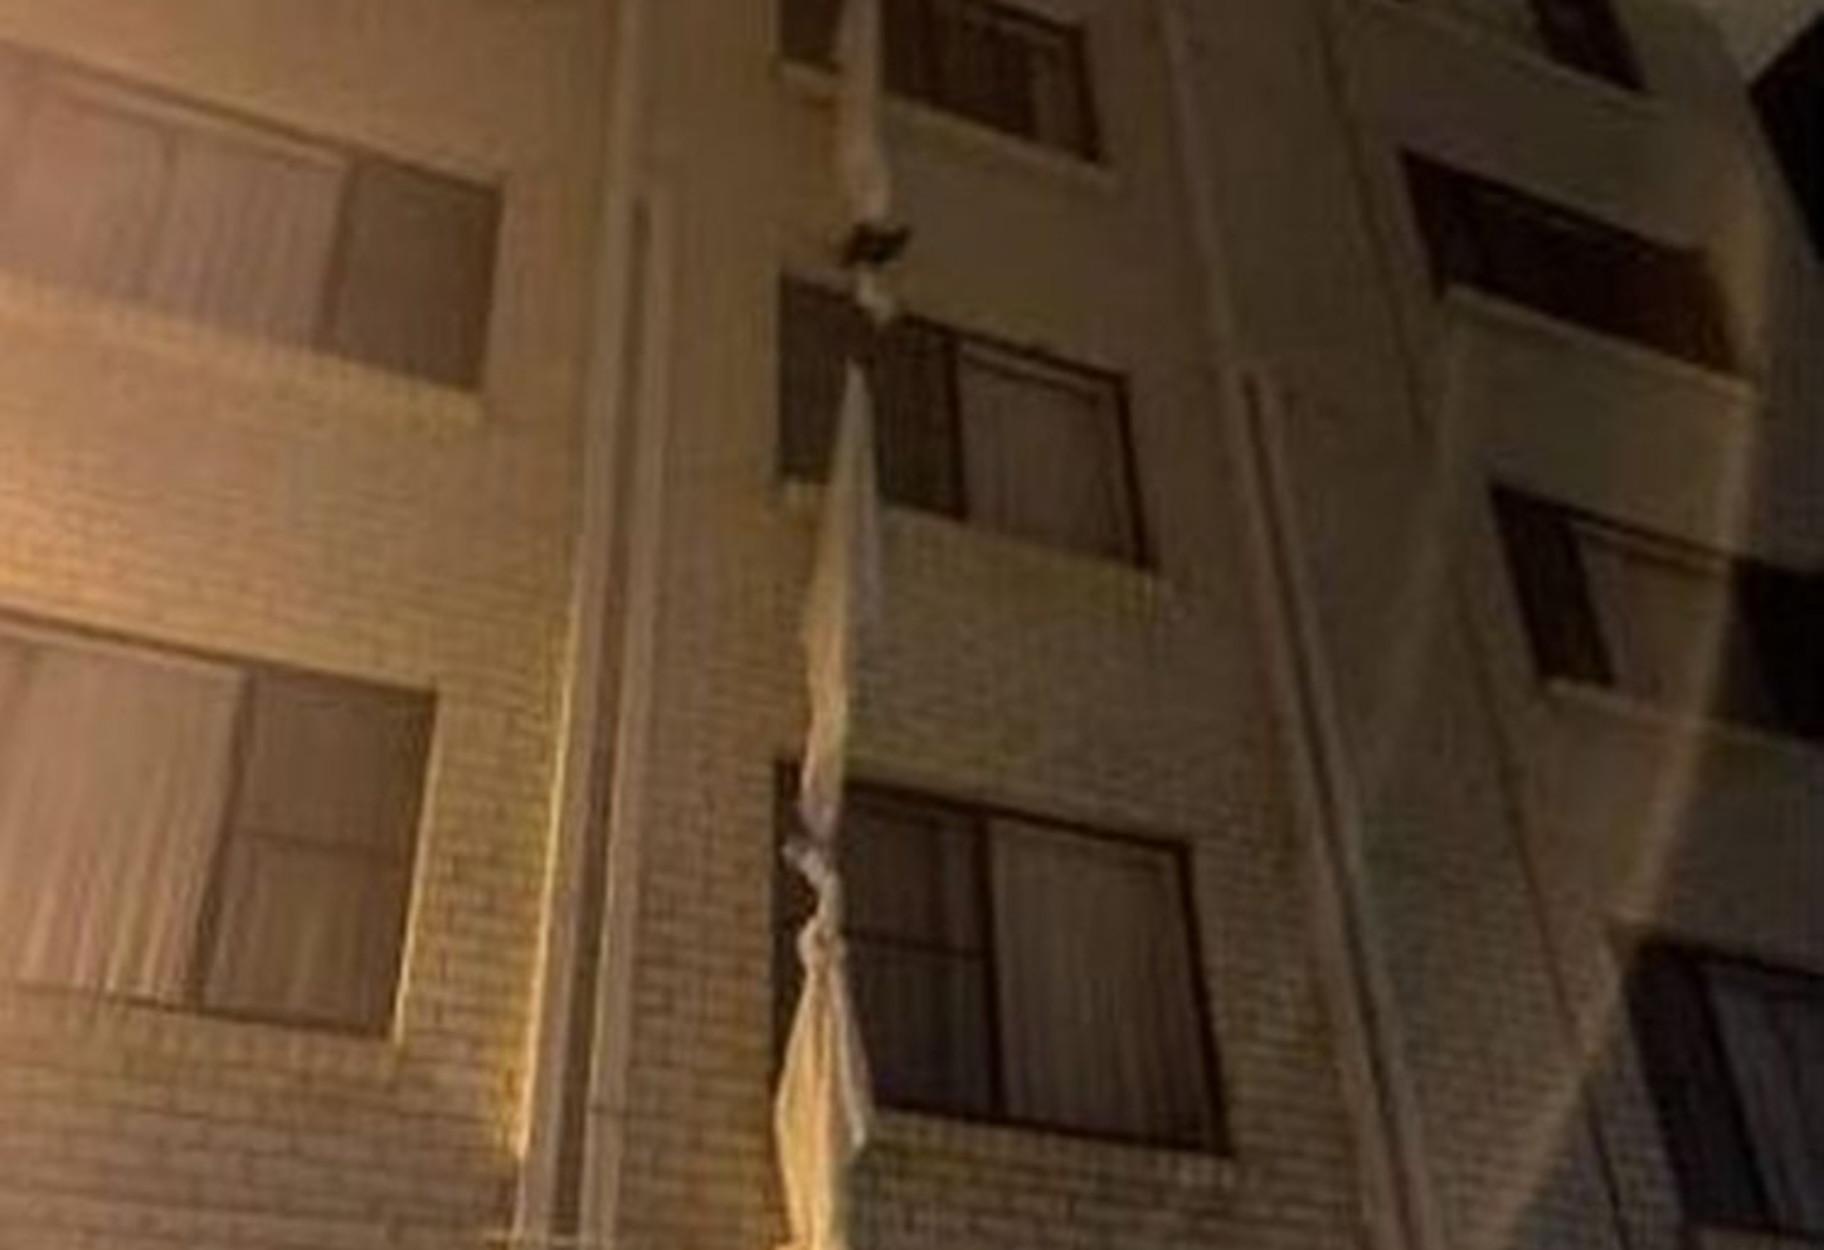 Αυστραλία: Απέδρασε από τον 4ο όροφο ξενοδοχείου καραντίνας με… σκοινί από σεντόνι!